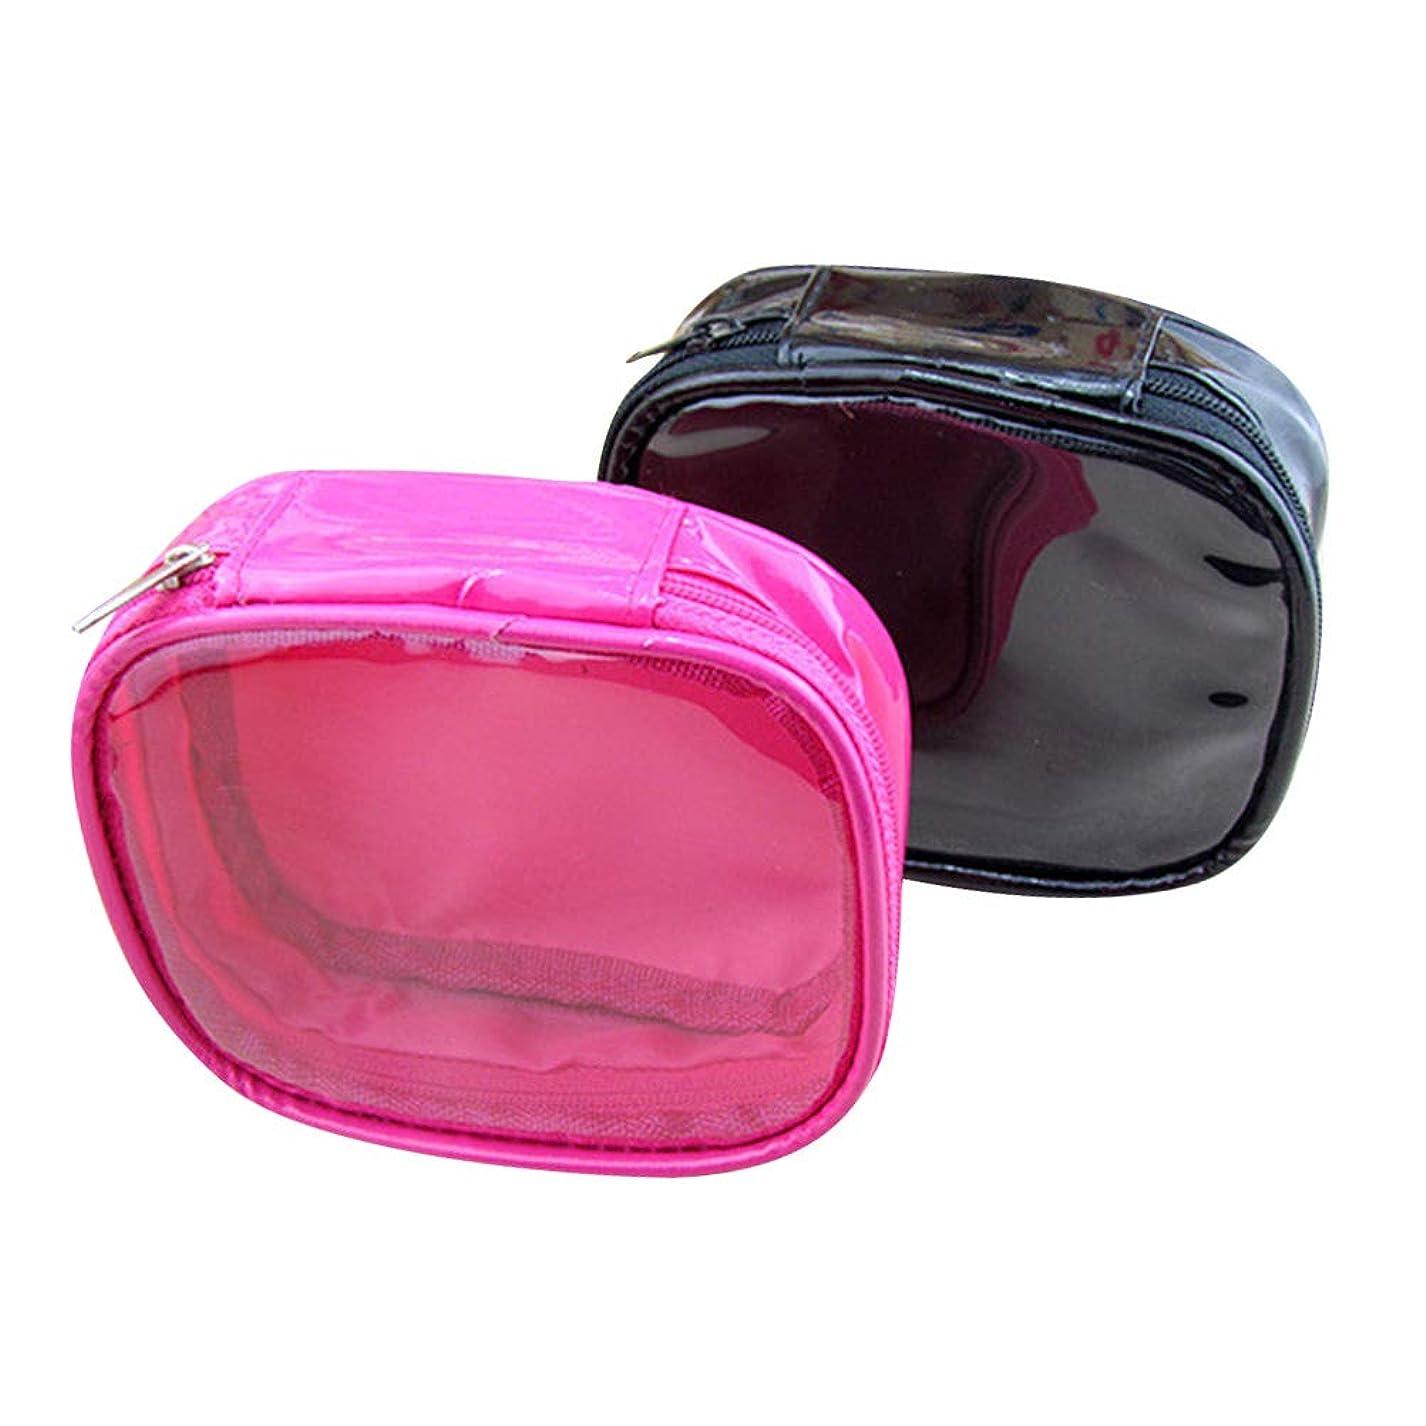 成熟したそっと生産的SUPVOX SUPVOXコンタクトレンズバッグ防水化粧品バッグPUトイレタリーコンテナポーチ2個(アソートカラー)